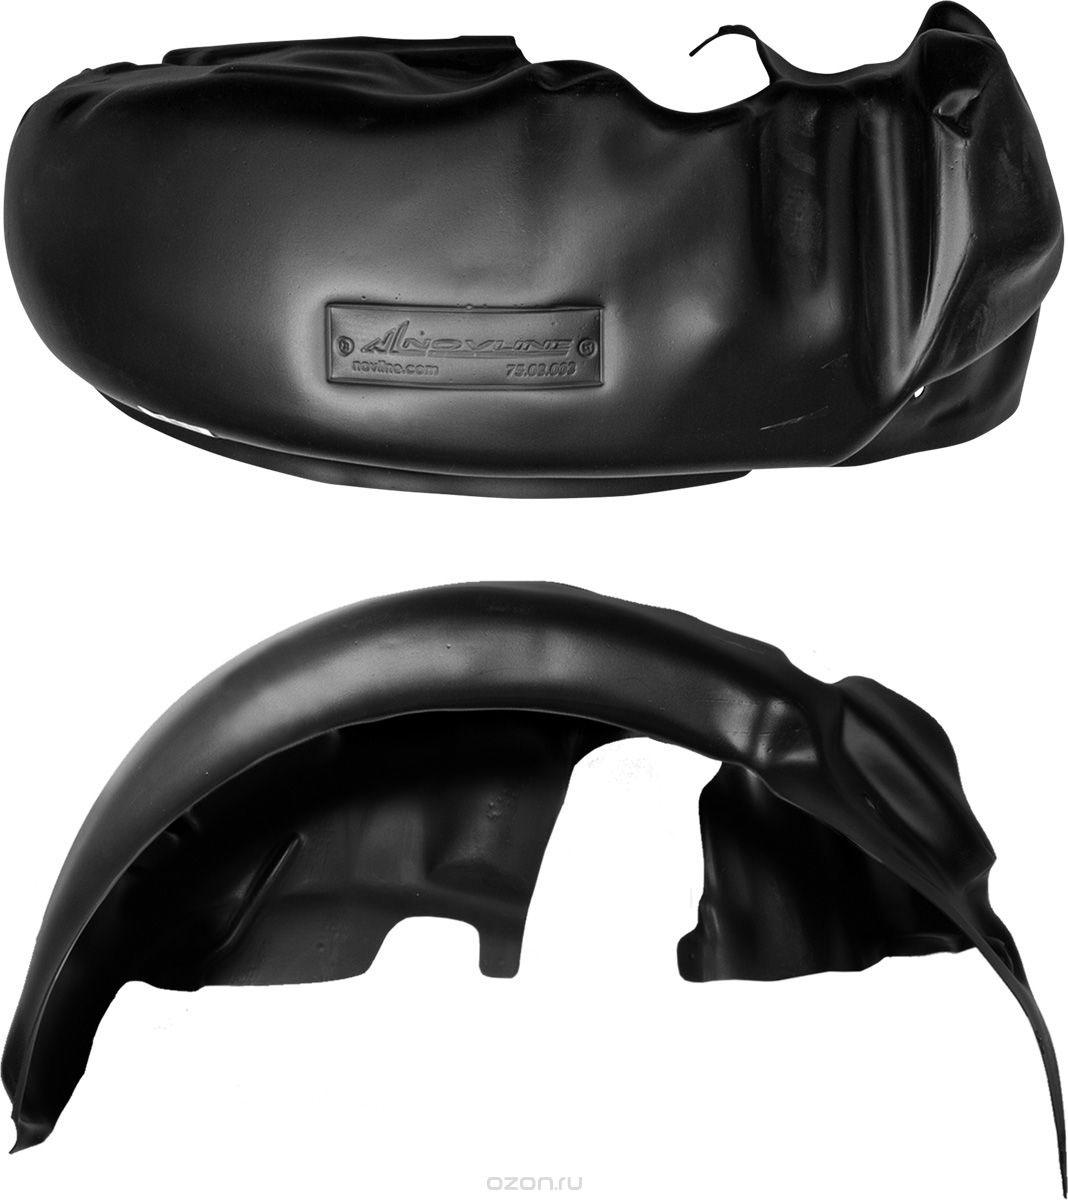 Подкрылок Novline-Autofamily, для CHEVROLET Аveo 2004->, хб., передний левый, 004301004301Идеальная защита колесной ниши. Локеры разработаны с применением цифровых технологий, гарантируют максимальную повторяемость поверхности арки. Изделия устанавливаются без нарушения лакокрасочного покрытия автомобиля, каждый подкрылок комплектуется крепежом. Уважаемые клиенты, обращаем ваше внимание, что фотографии на подкрылки универсальные и не отражают реальную форму изделия. При этом само изделие идет точно под размер указанного автомобиля.